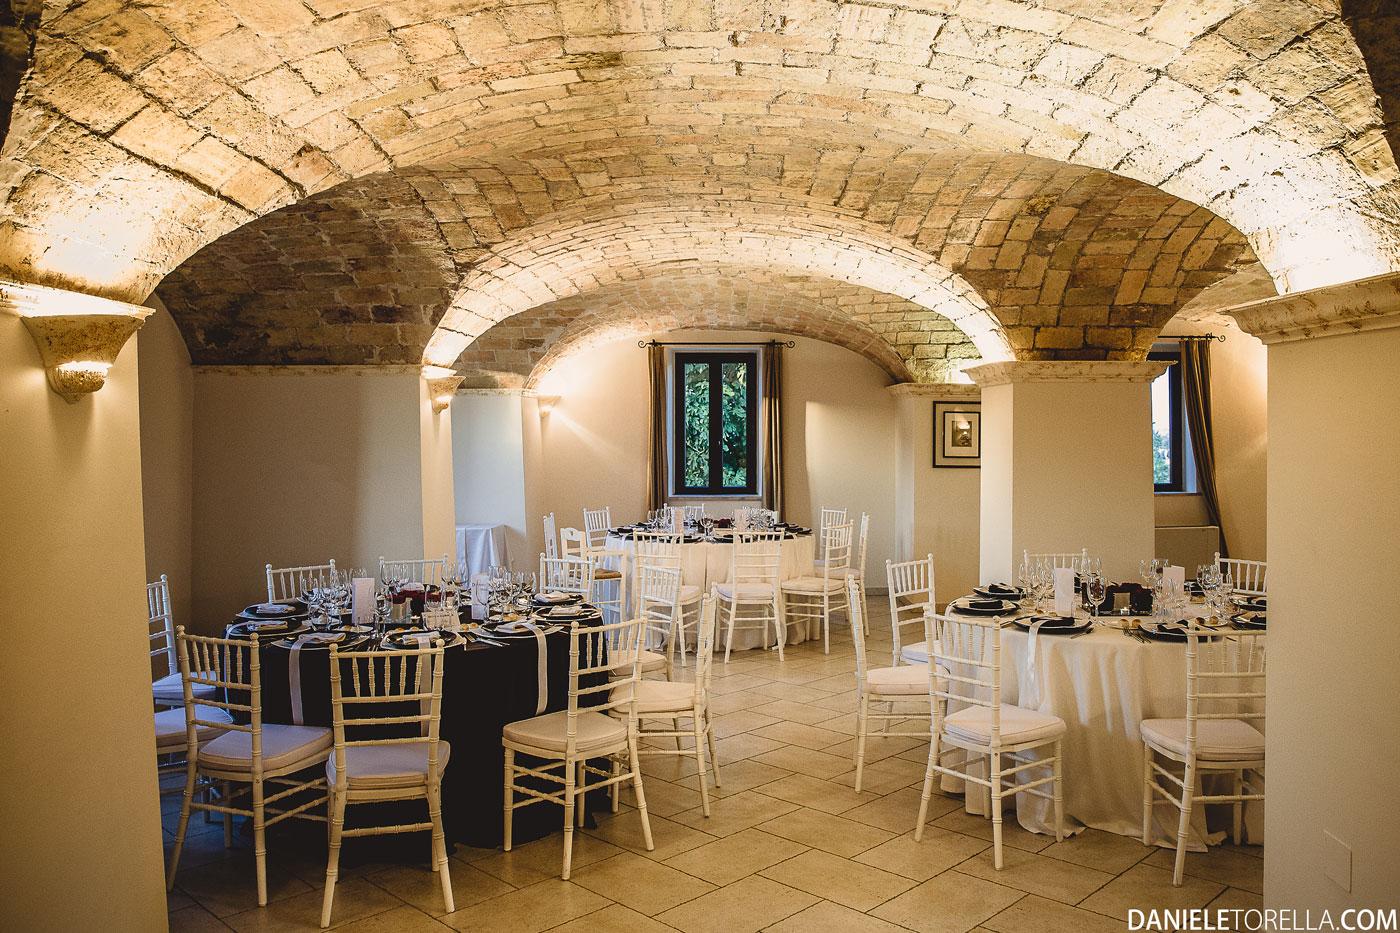 Location Matrimonio Simbolico Roma : Tor de sordi location matrimonio roma anita galafate